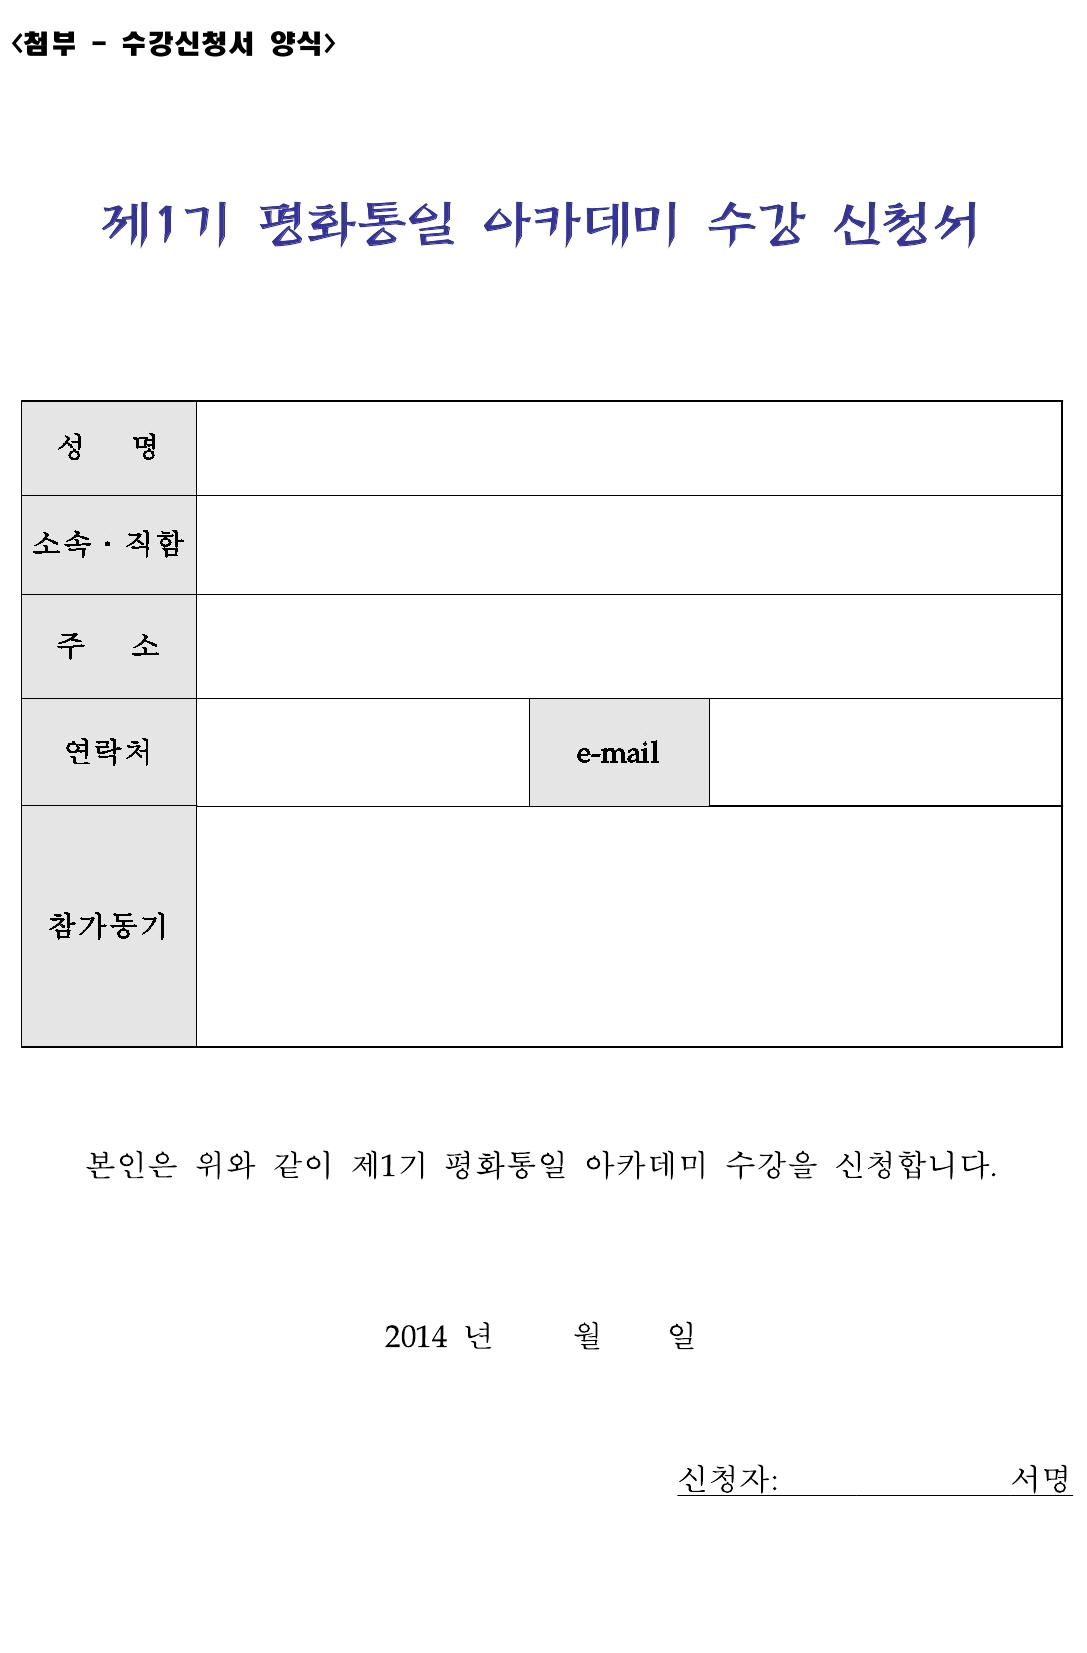 (편)아카데미 일정(홍보21-홈피)-3.jpg